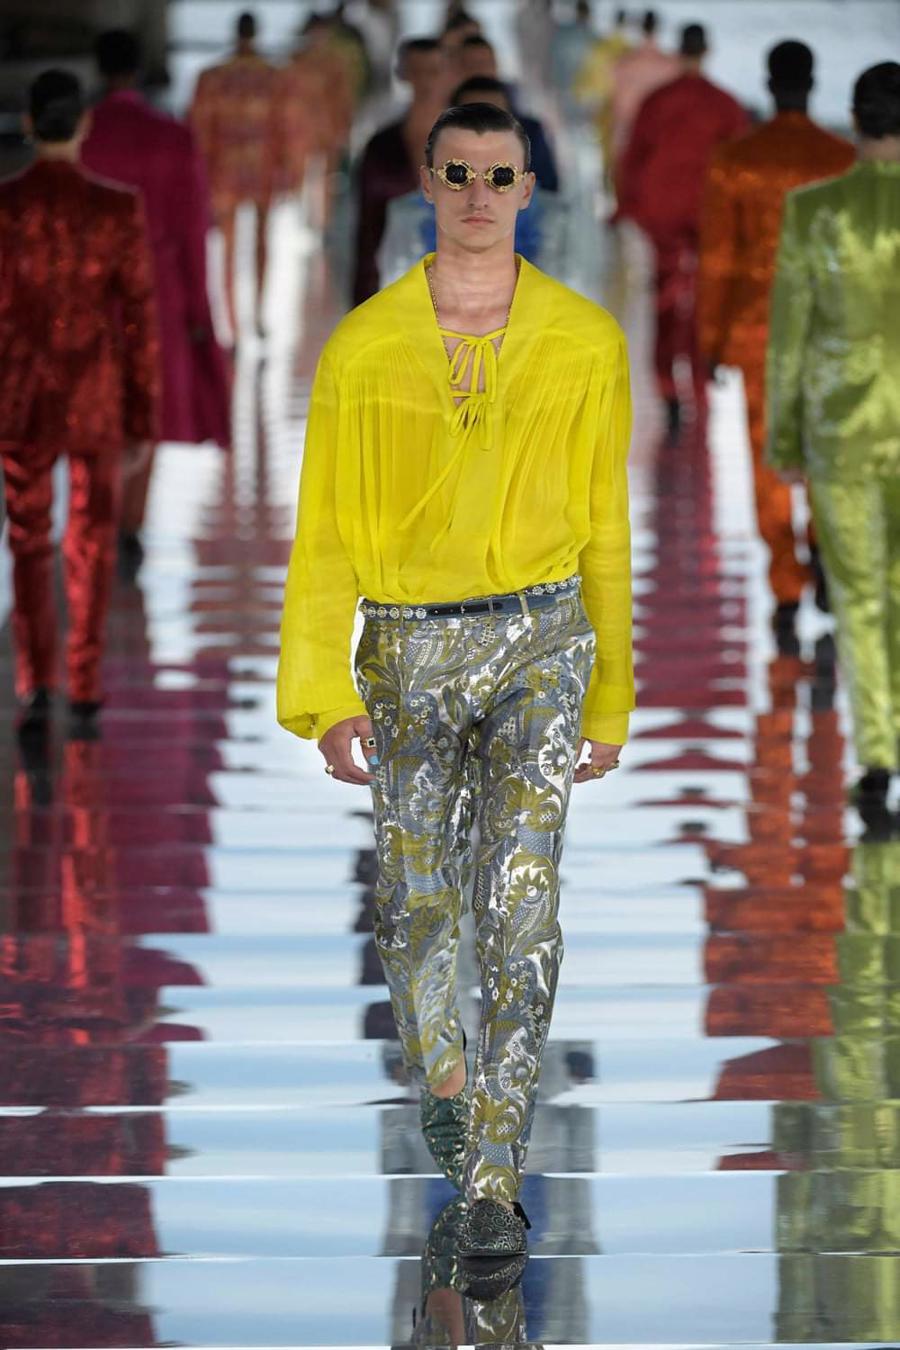 Thế giới chứng kiến những gì sau bữa tiệc xa hoa của Dolce & Gabbana? - Ảnh 9